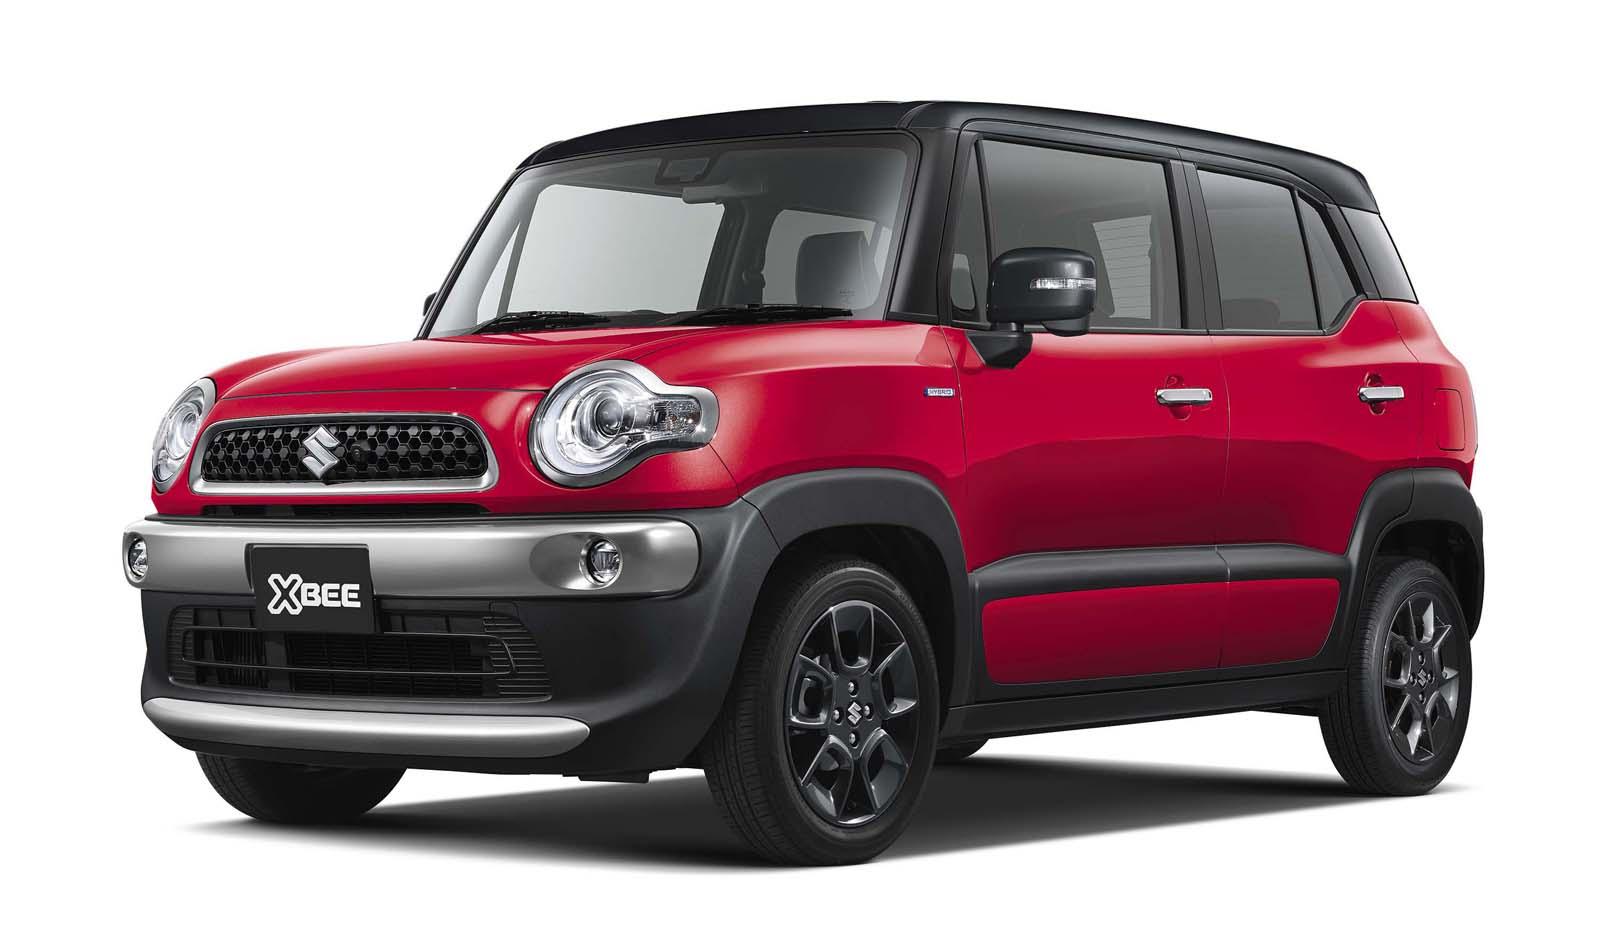 Suzuki Xbee 2018 (7)